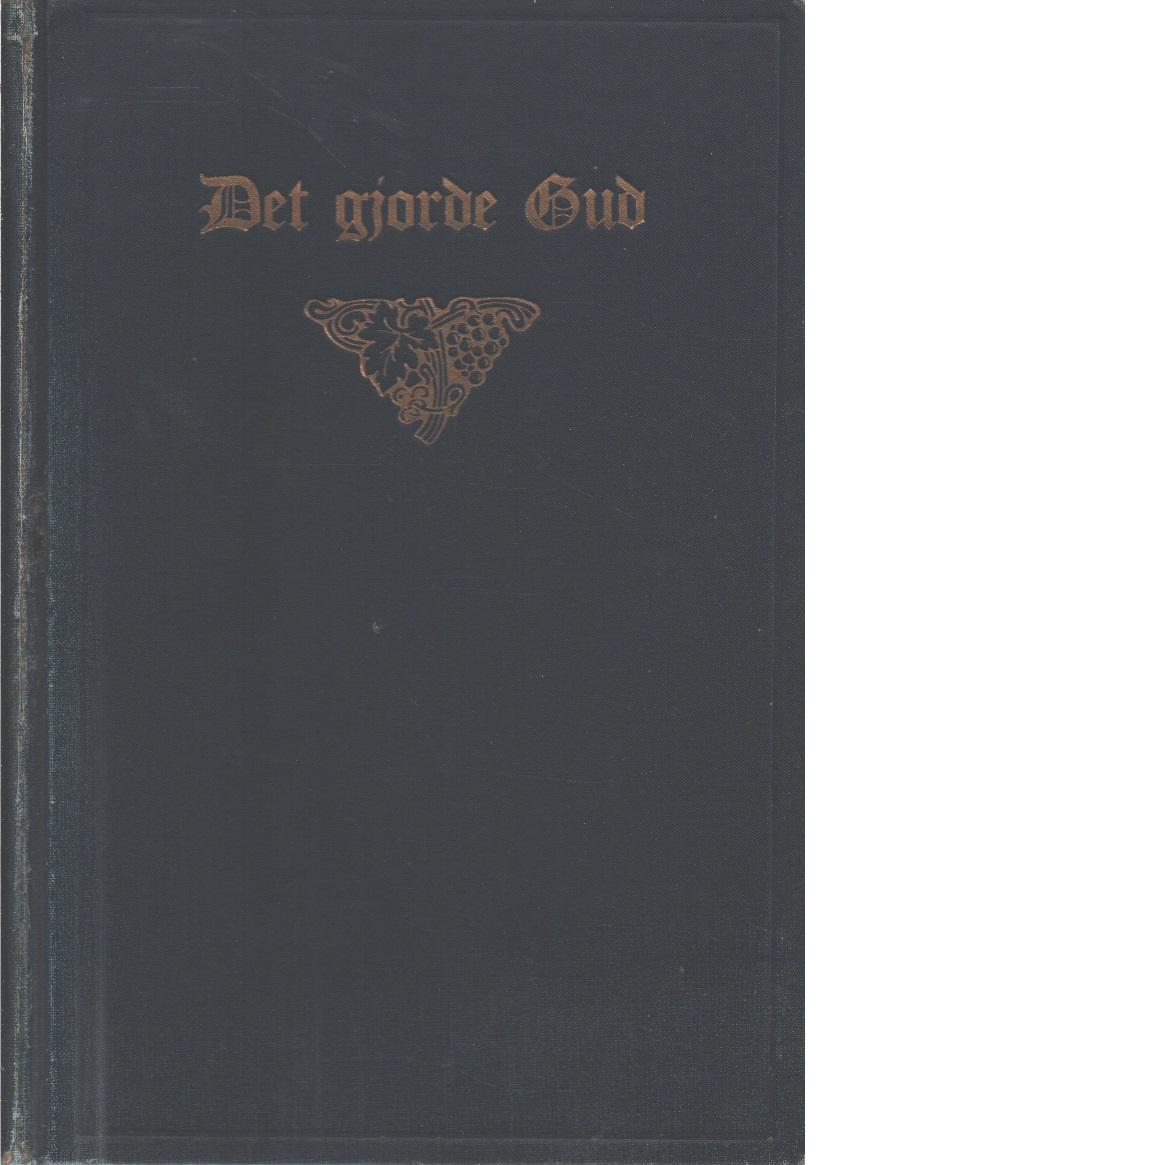 Det gjorde Gud : några anteckningar om Guds underbara ledning och hans härliga bönhörelse i verksamheten - Modin, Ellen